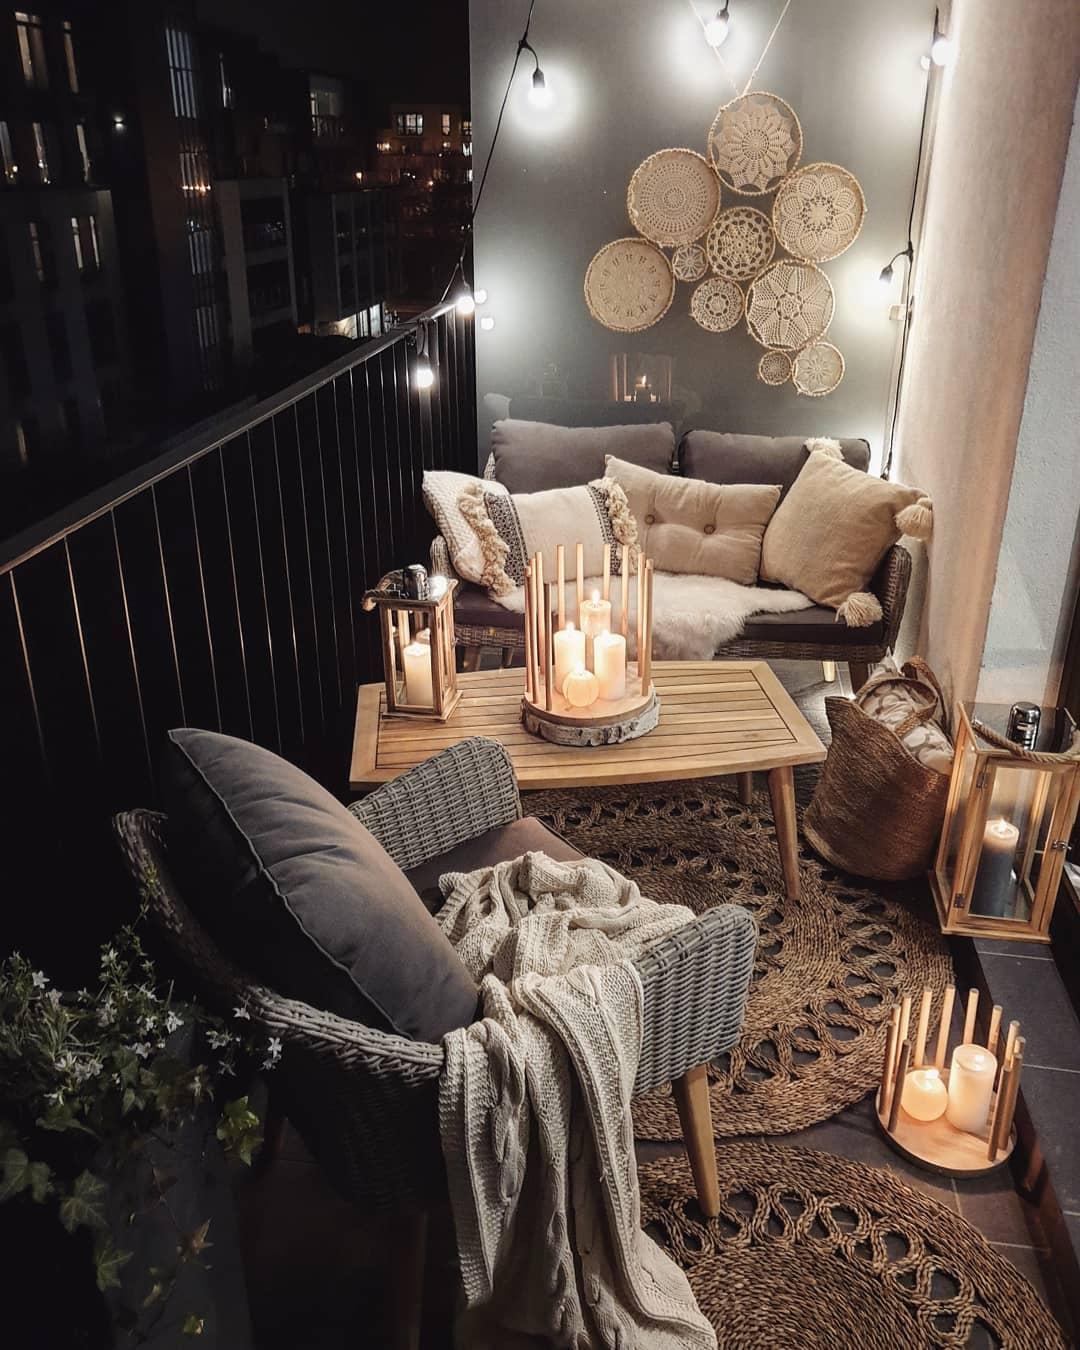 balcony decor ideas (5)